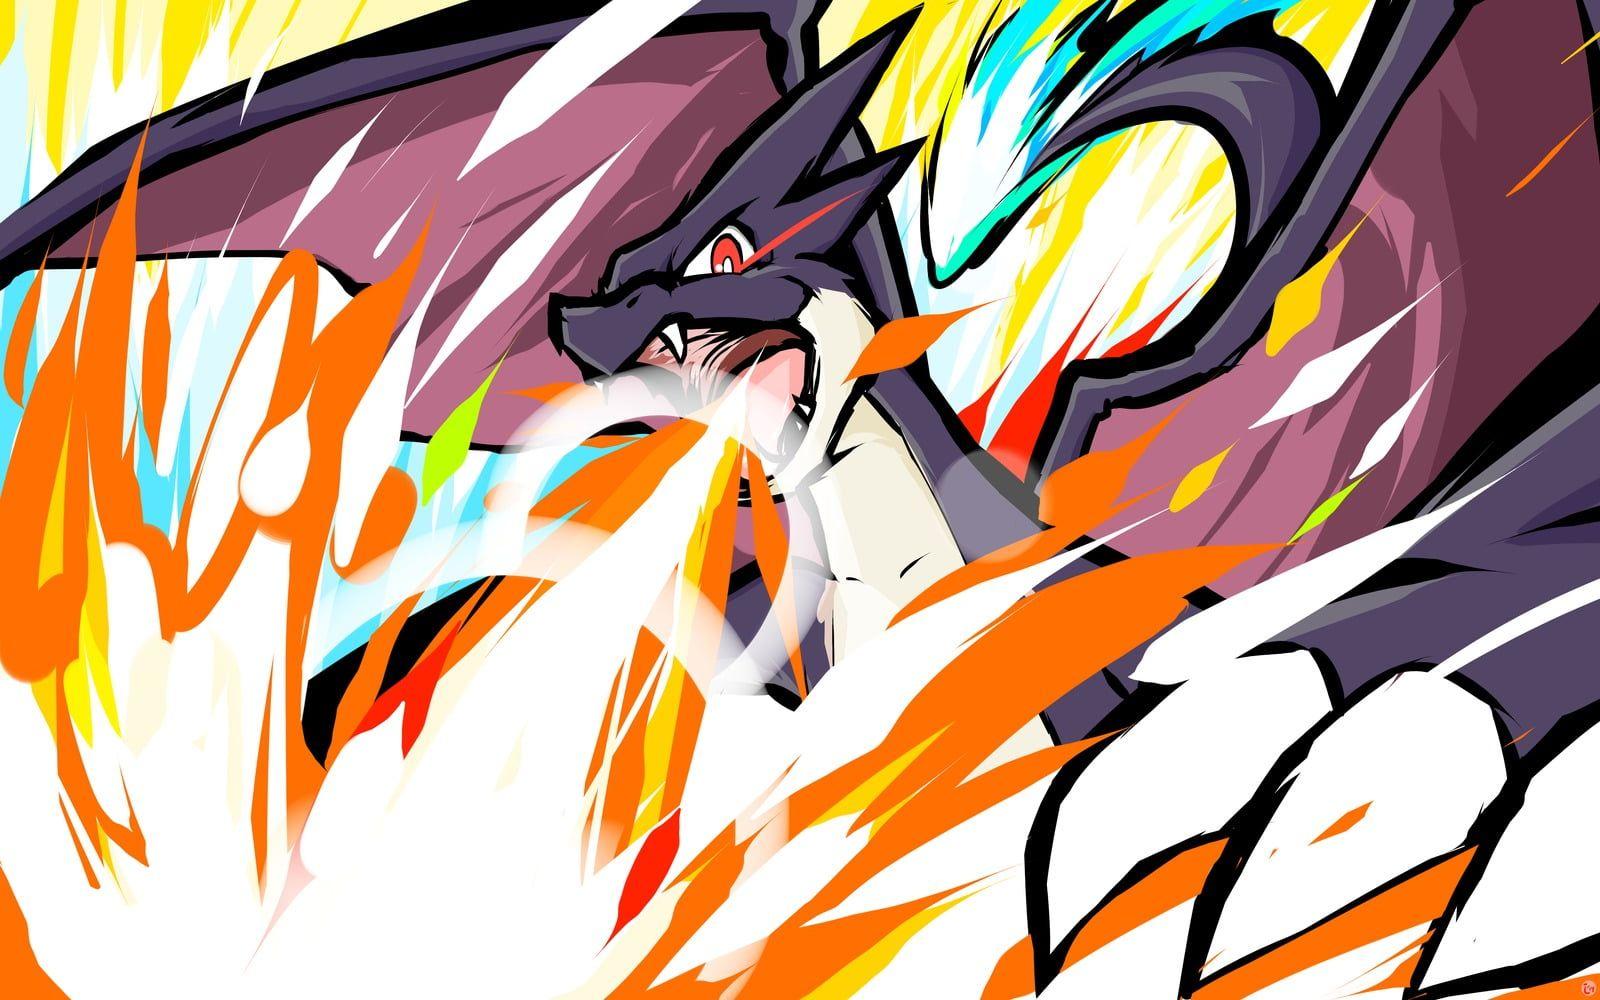 Pokemon Dragon Wallpaper Pokemon Charizard Ishmam Mega Charizard Y Shiny Mega Charizard Y 720p Wallpaper Hdwallpaper Desktop Inspirasi